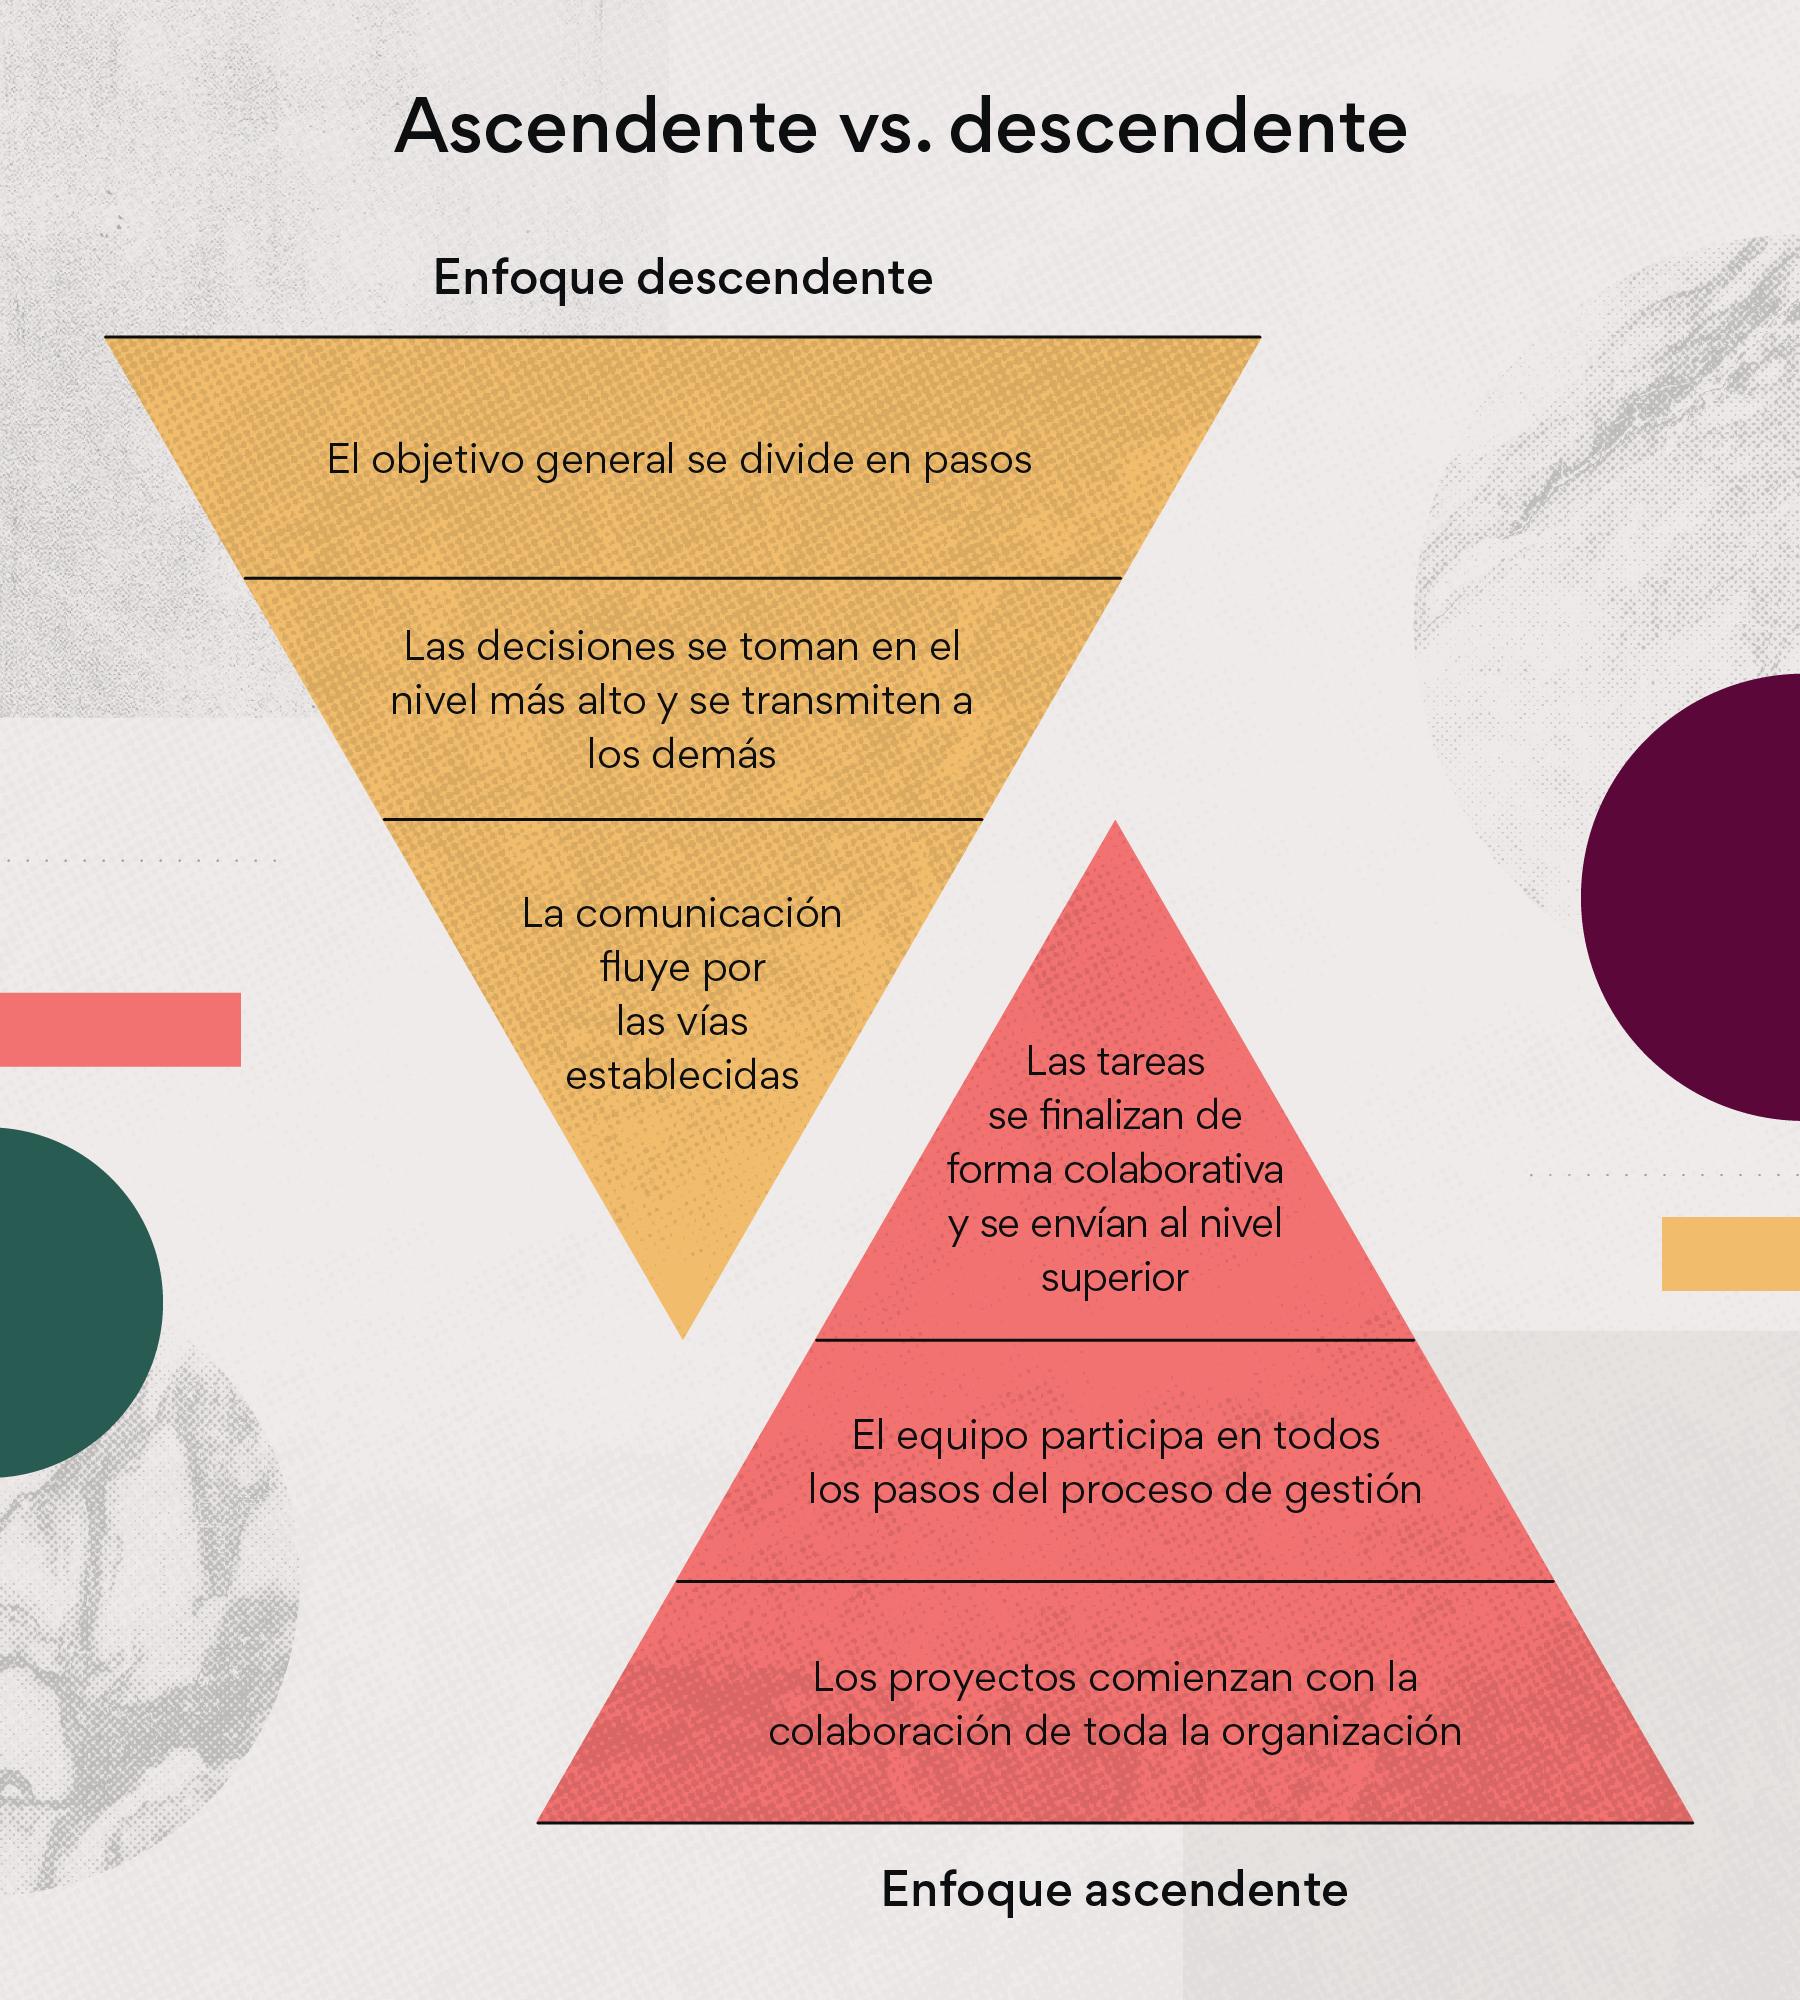 Ascendente vs. descendente